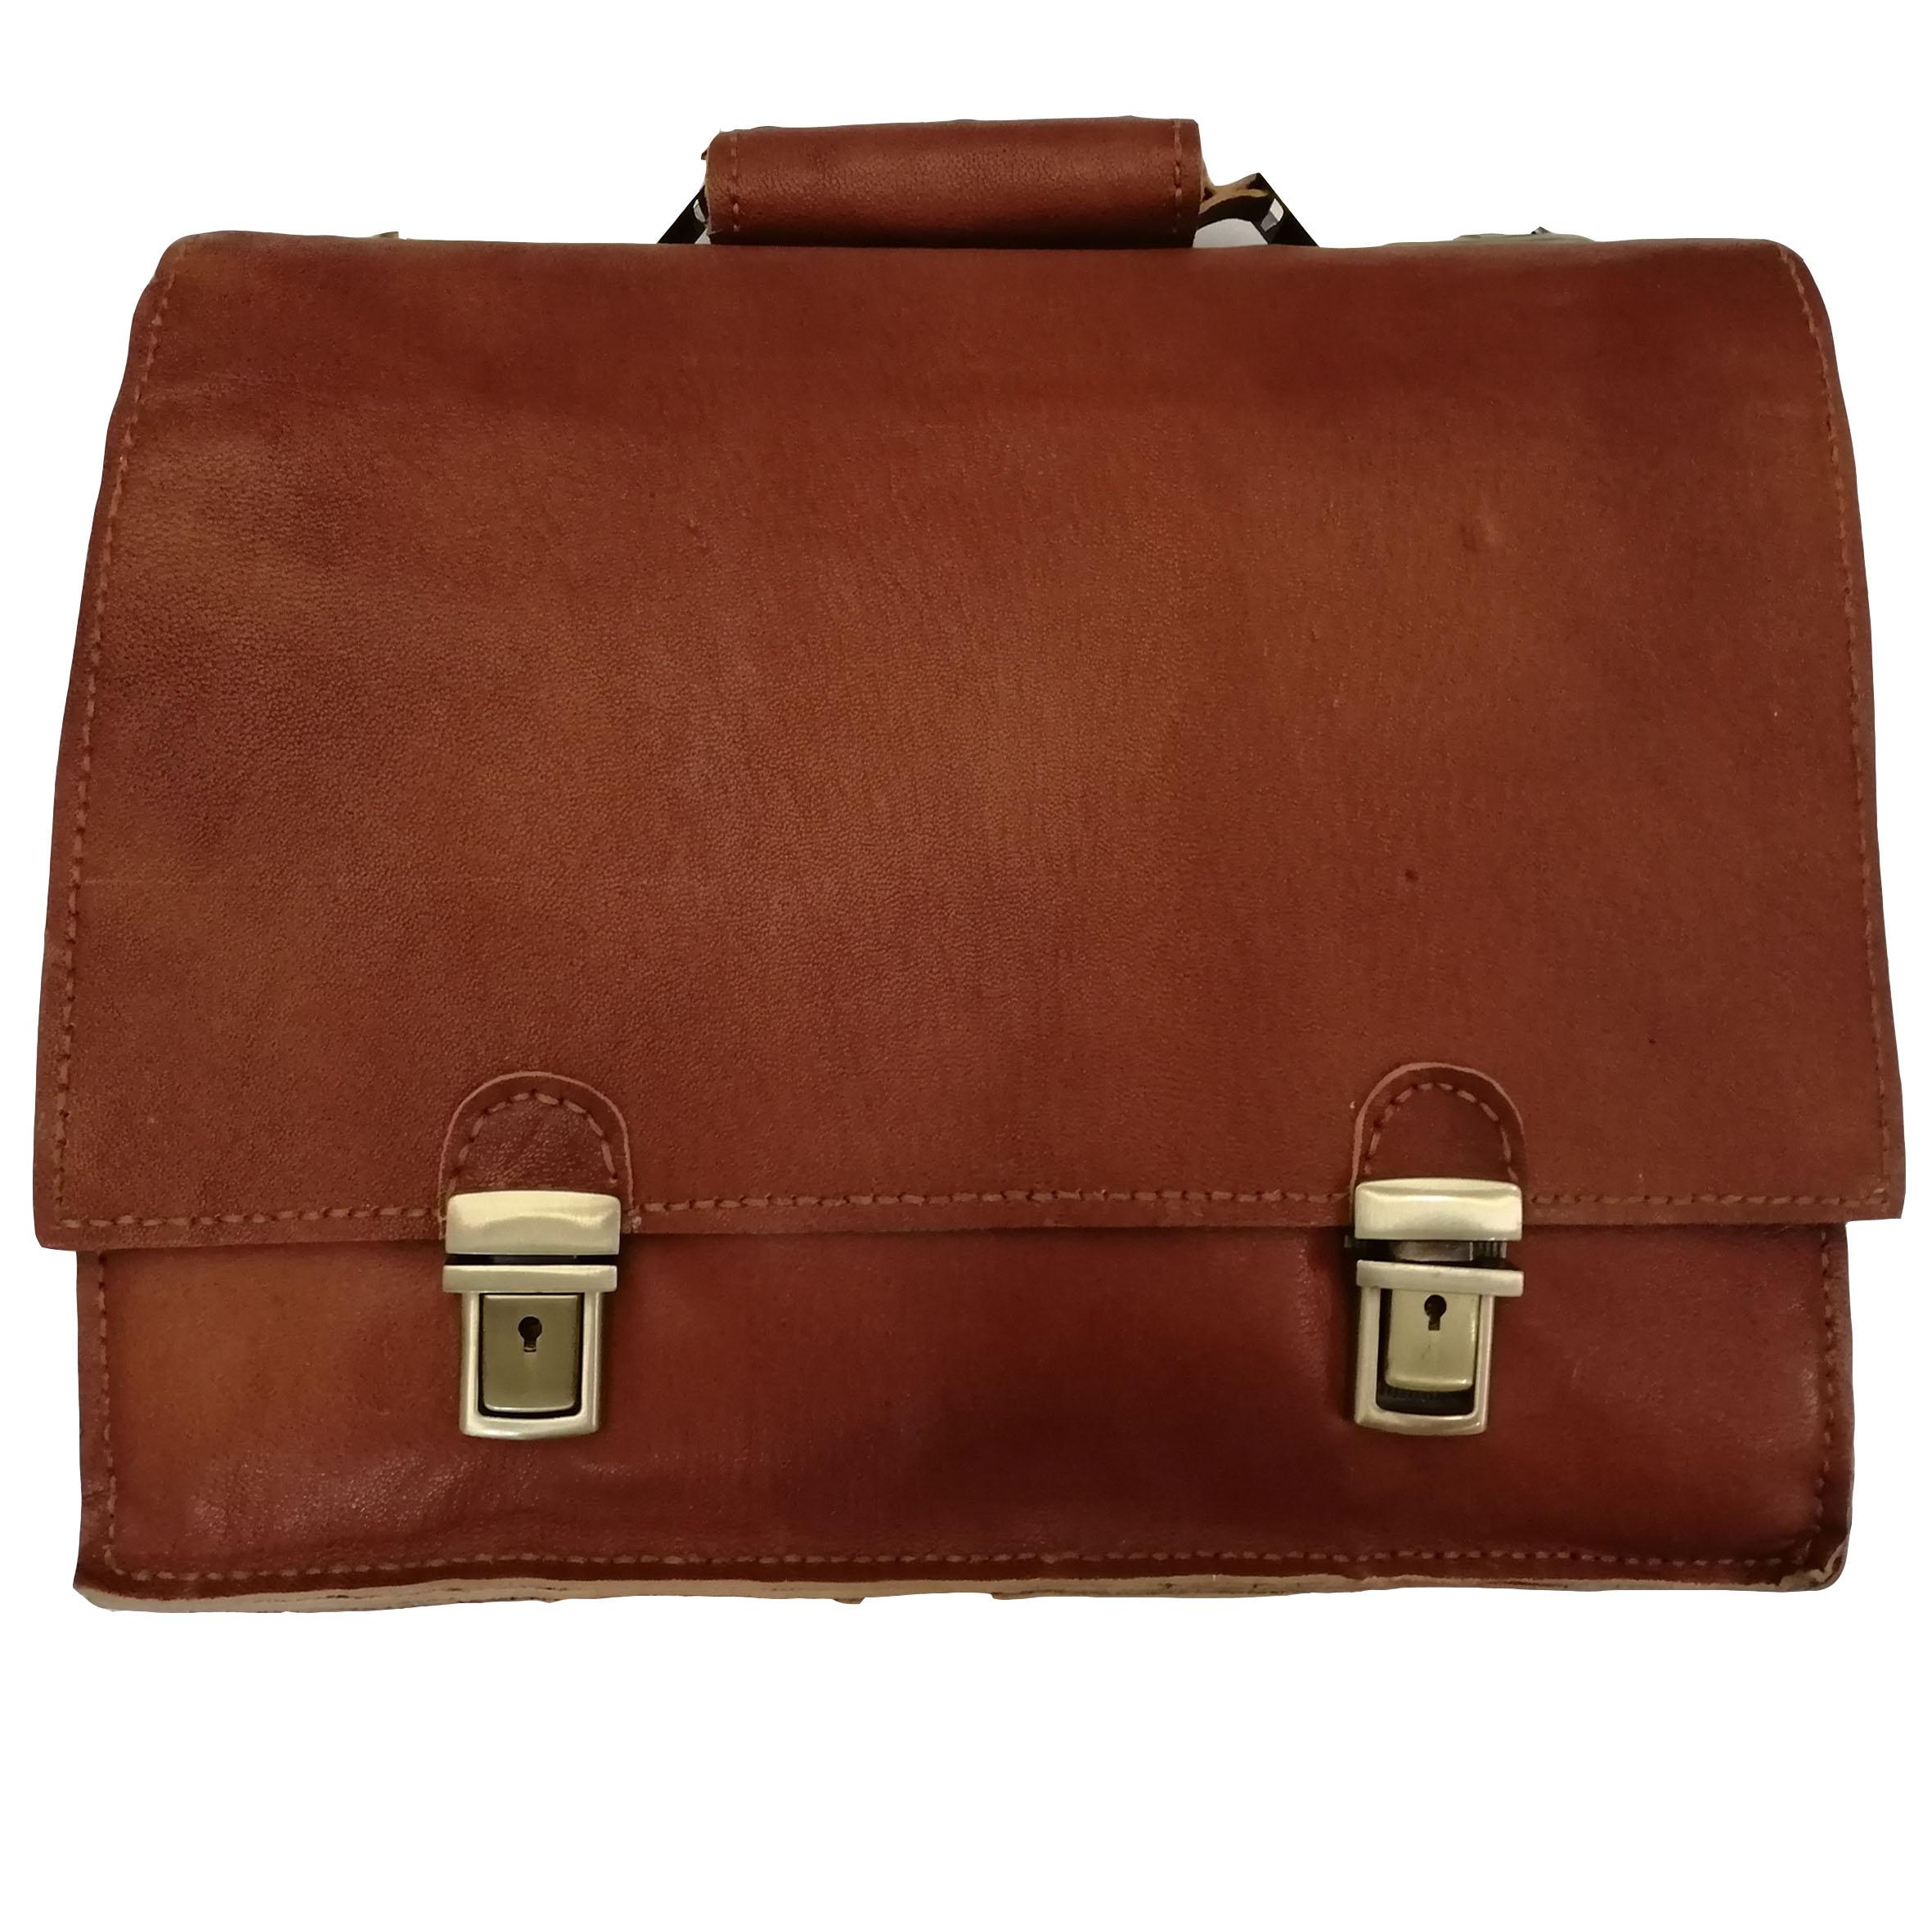 کیف چرمی طرح دیپلمات کد230